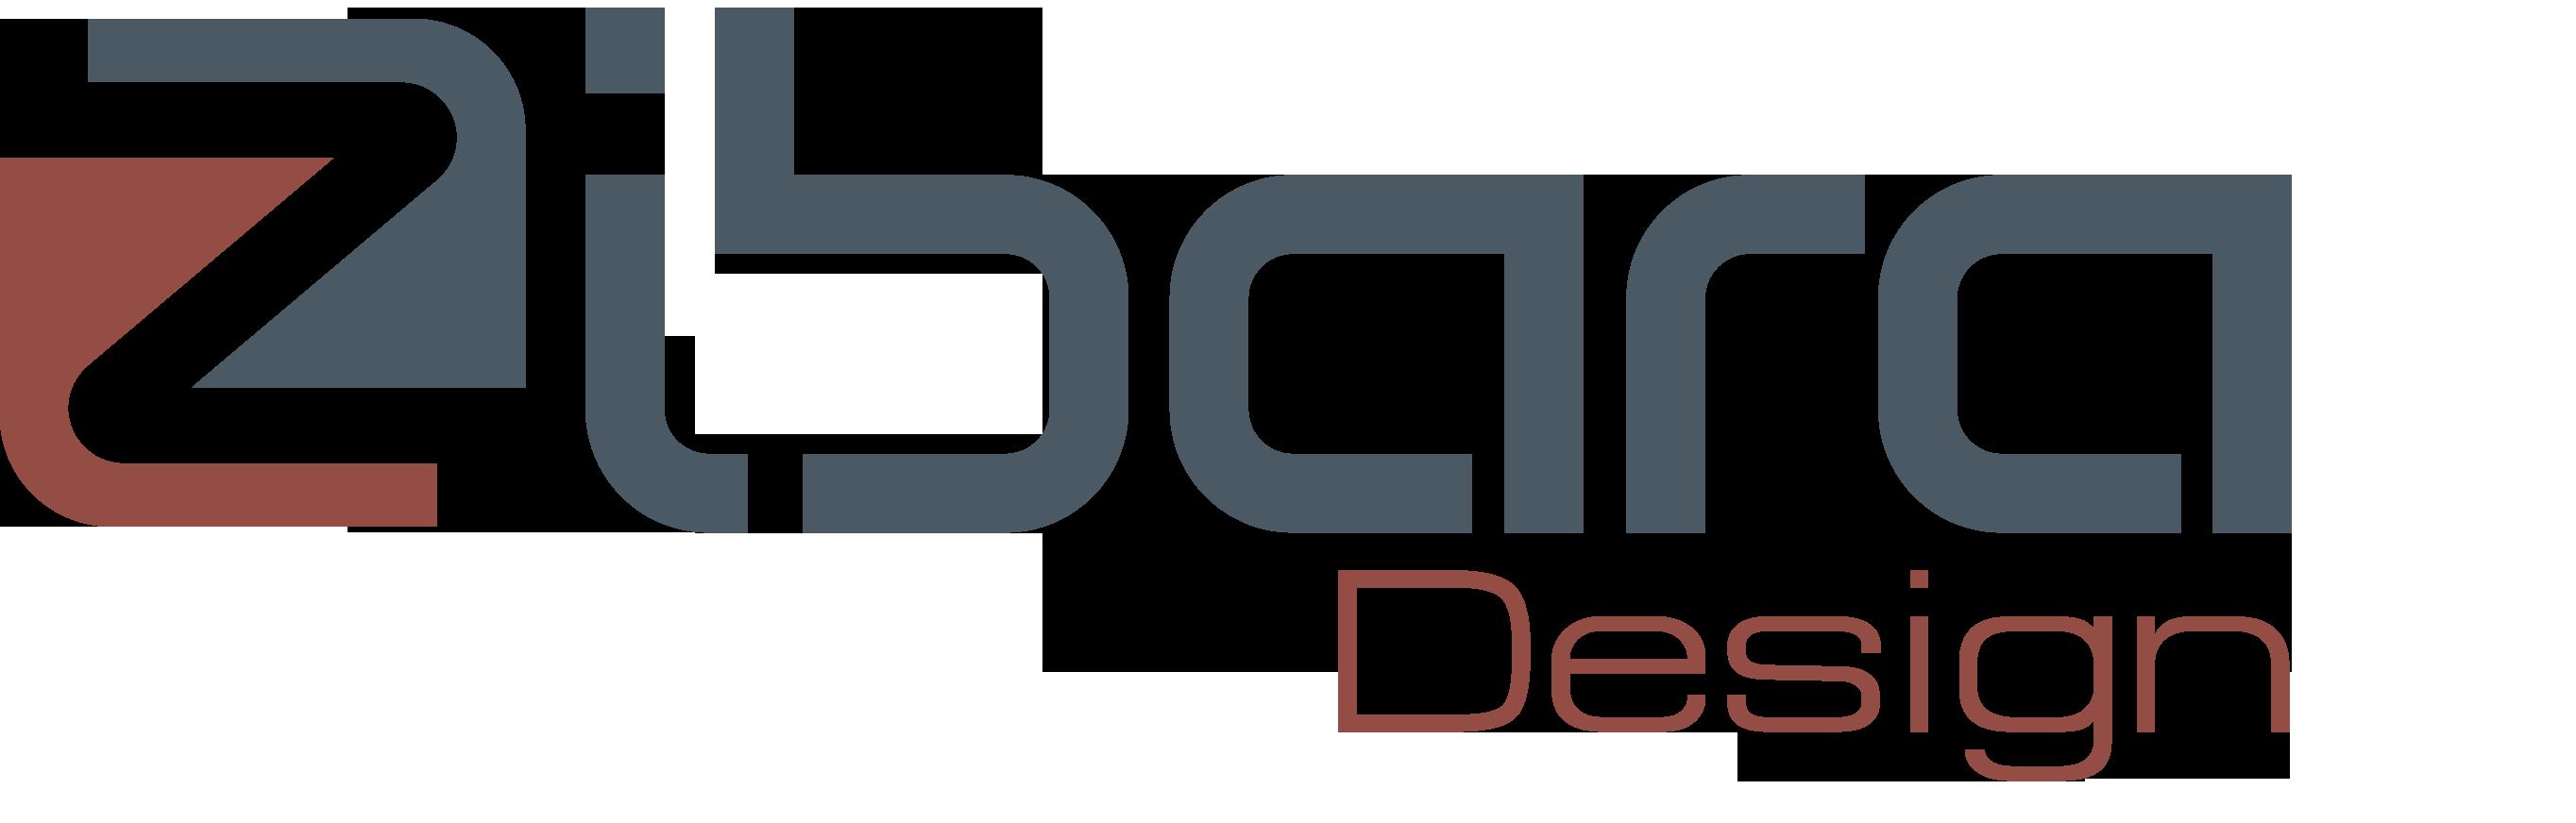 zibara-logo-1